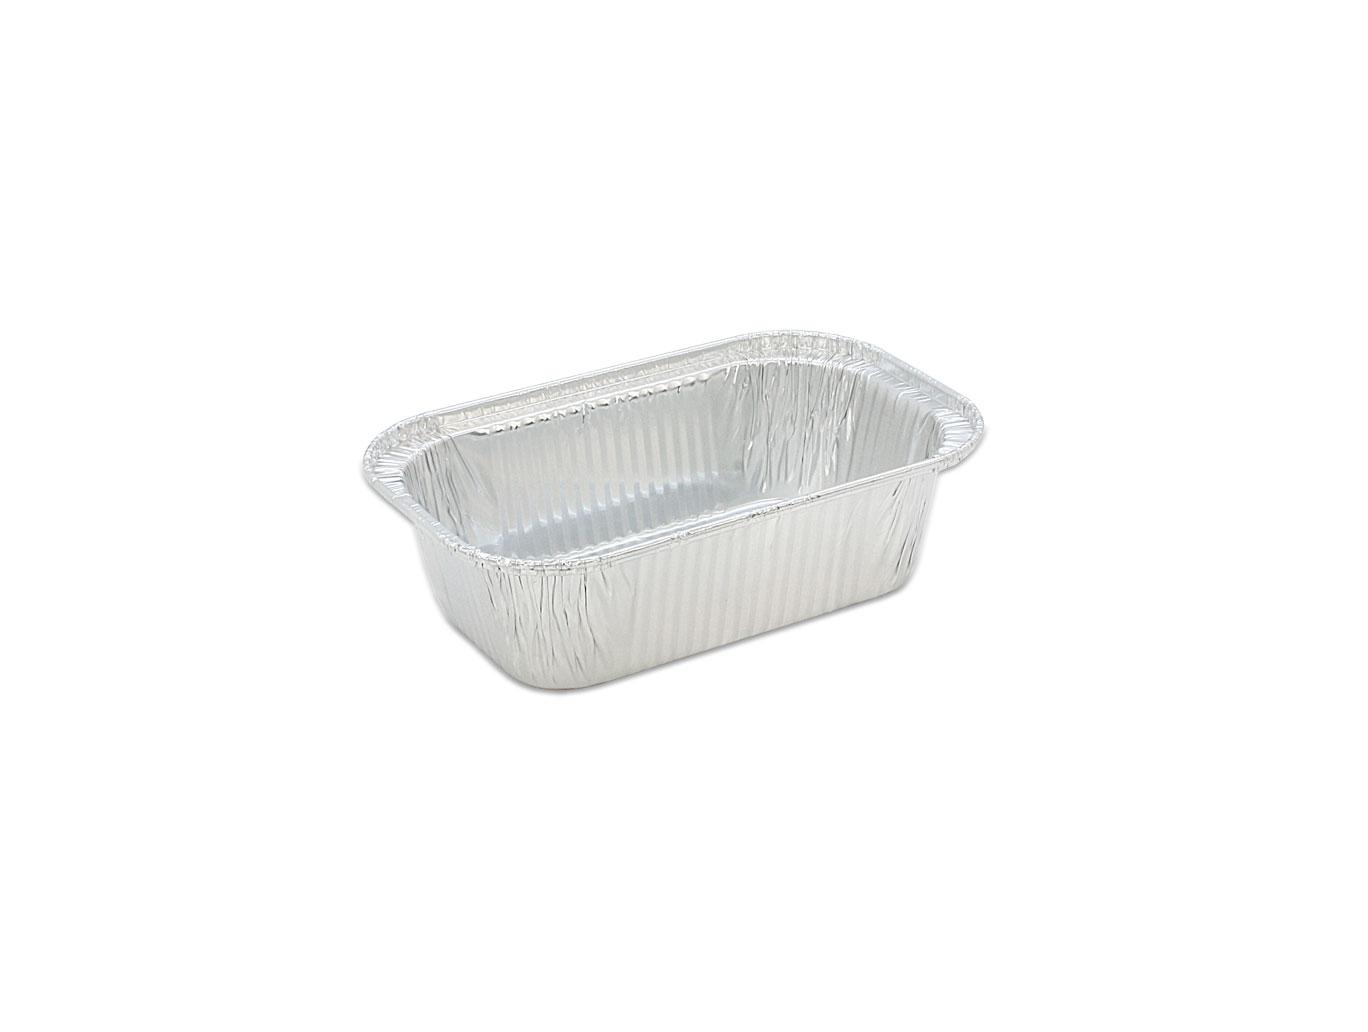 鋁箔容器、錫箔、烤模、水果條 方形 258 (125pcs/包)(鋁紙蓋選配)